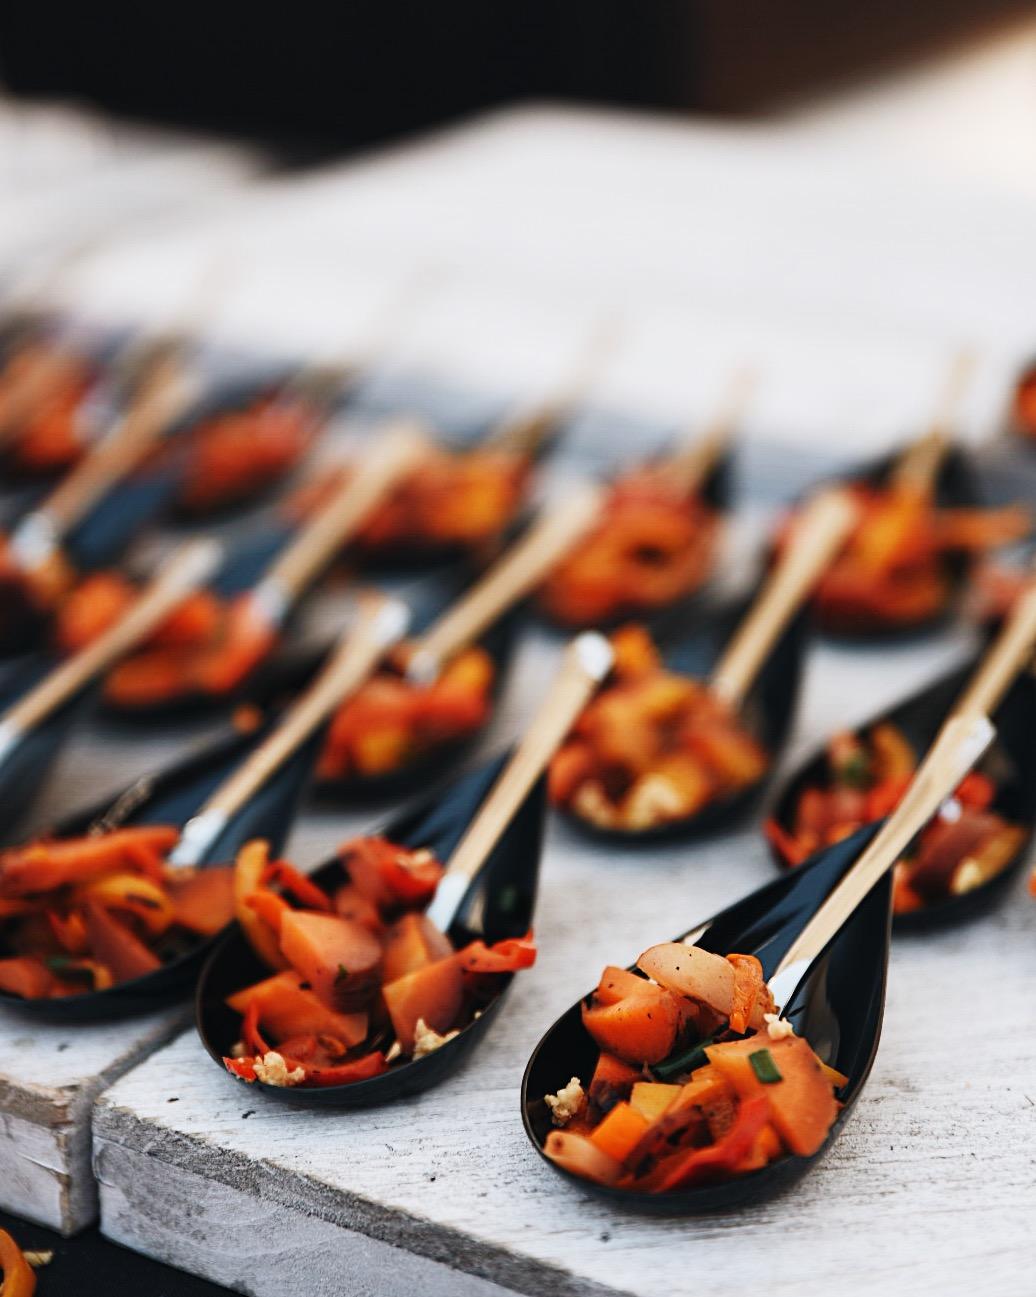 devour-culinary-classics_25732329367_o.jpg